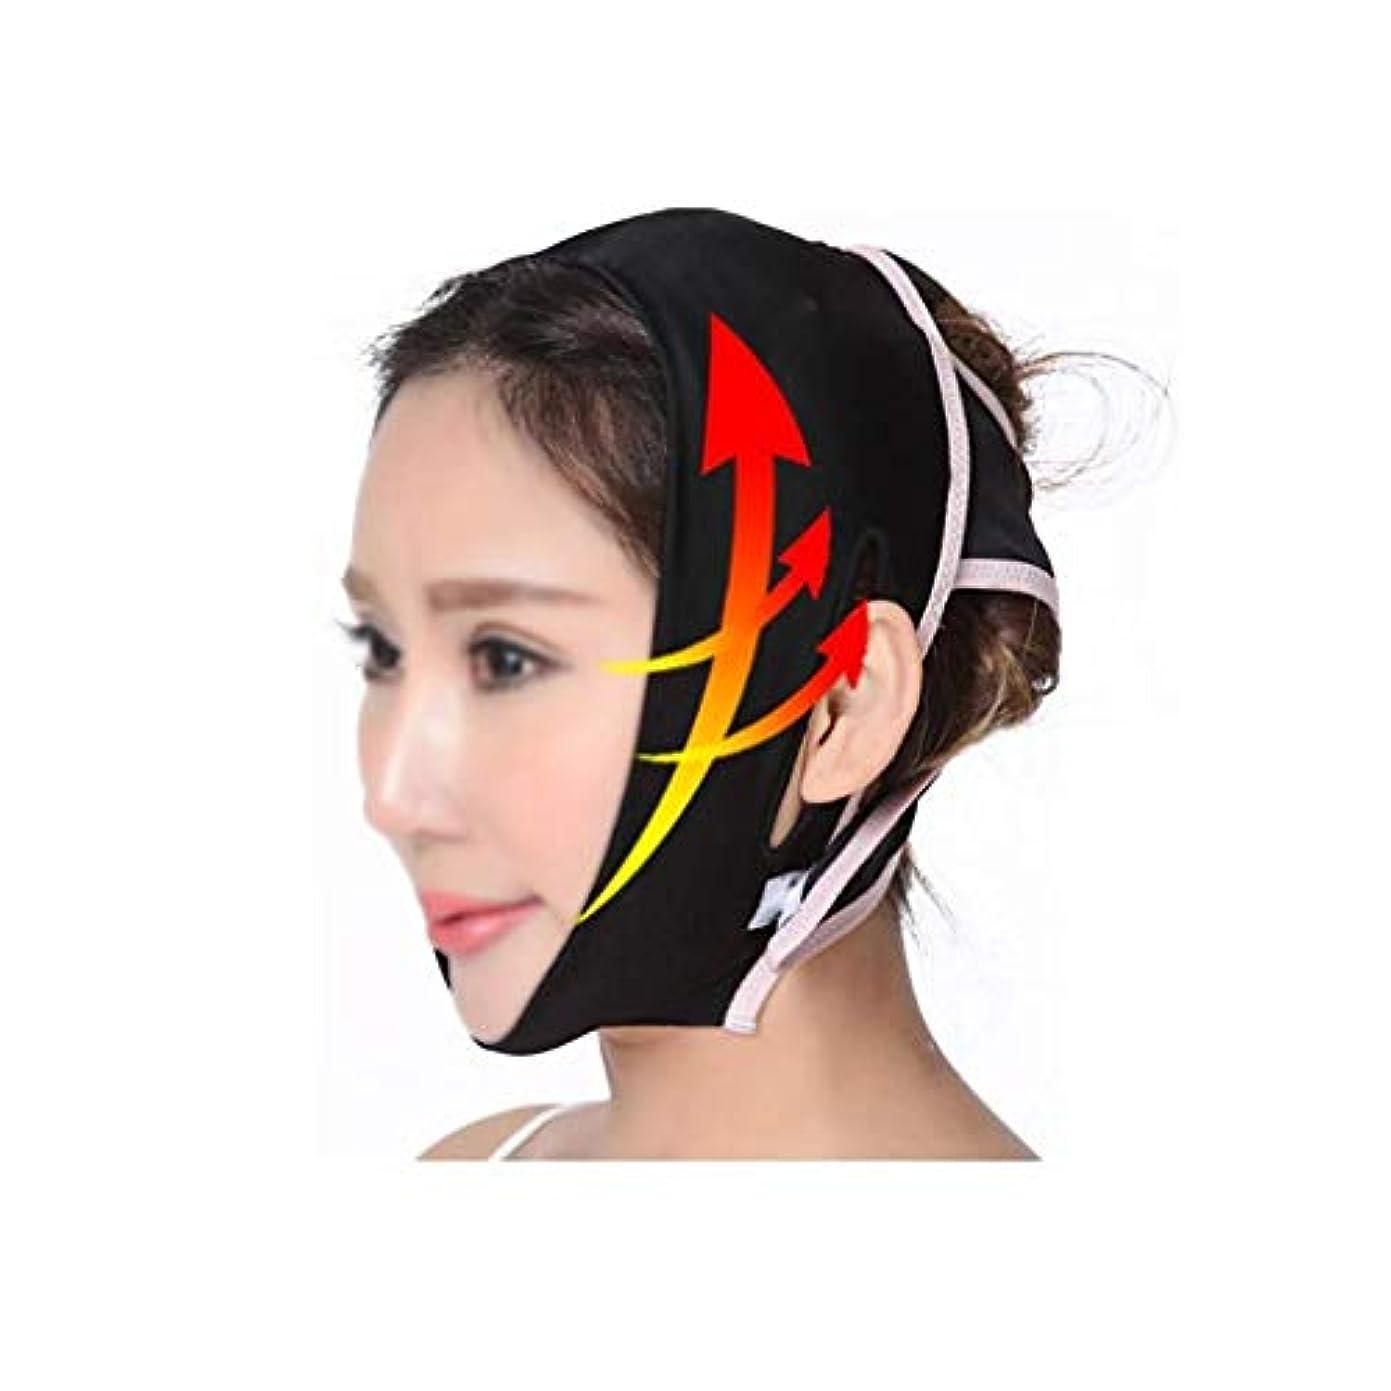 幻想パイプ冬フェイスリフトマスク、フェイシャルマスク睡眠顔整形顔包帯顔リフティングV顔顔アーティファクト回復通気性ネックストラップ(サイズ:M)